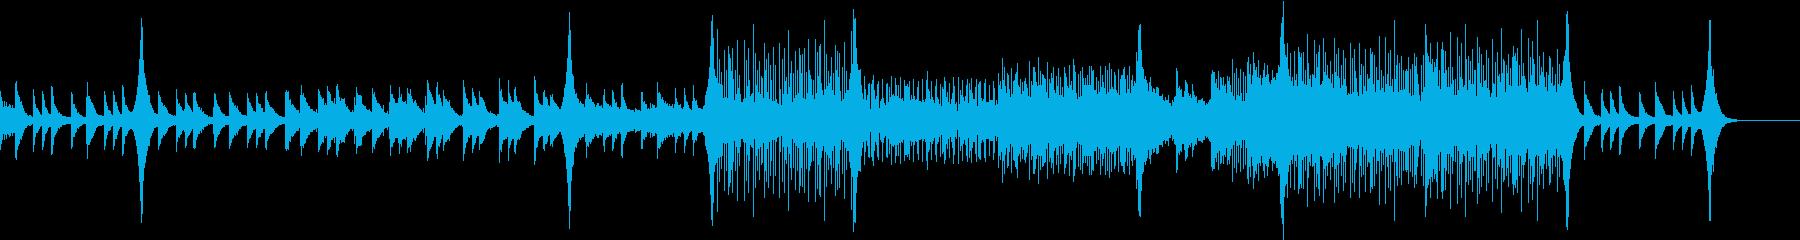 ピアノとストリングスの幻想的な雰囲気の再生済みの波形